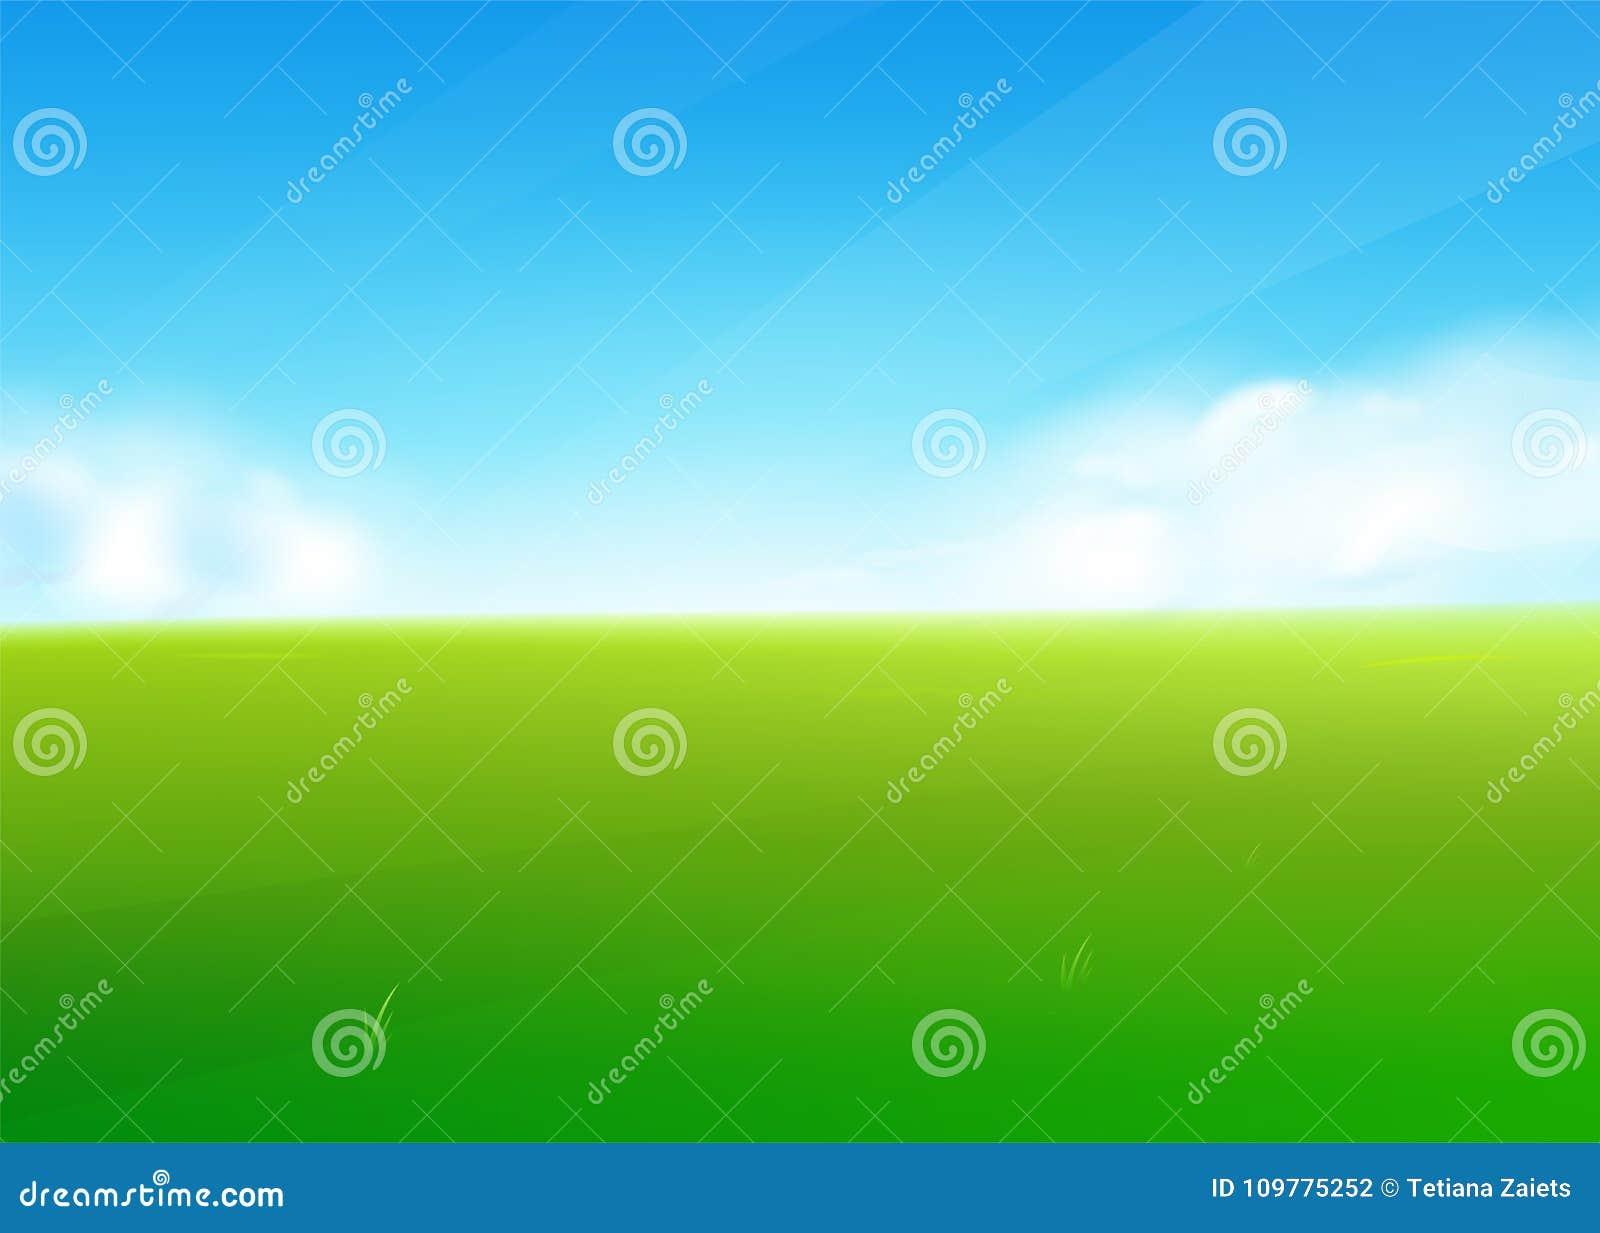 Предпосылка с ландшафтом зеленой травы, облака природы поля весны, небо